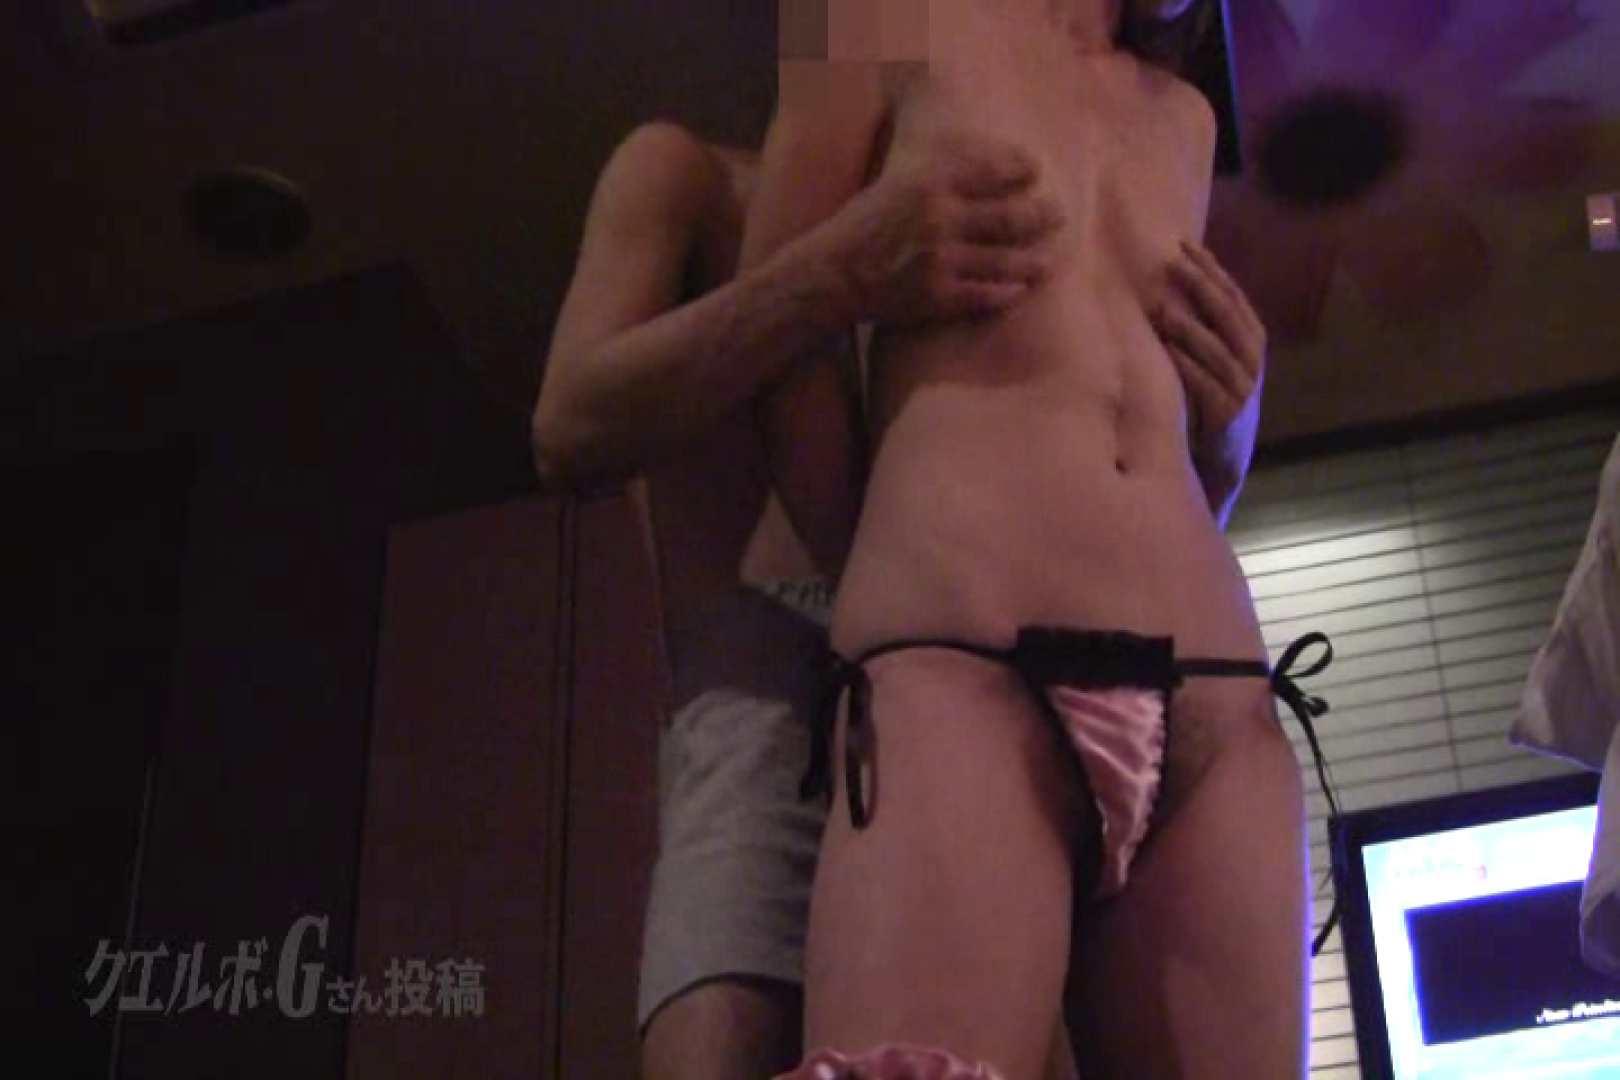 クエルボ・Gさん投稿 30歳人妻さんとの×××vol.3 ローター オマンコ動画キャプチャ 110連発 76